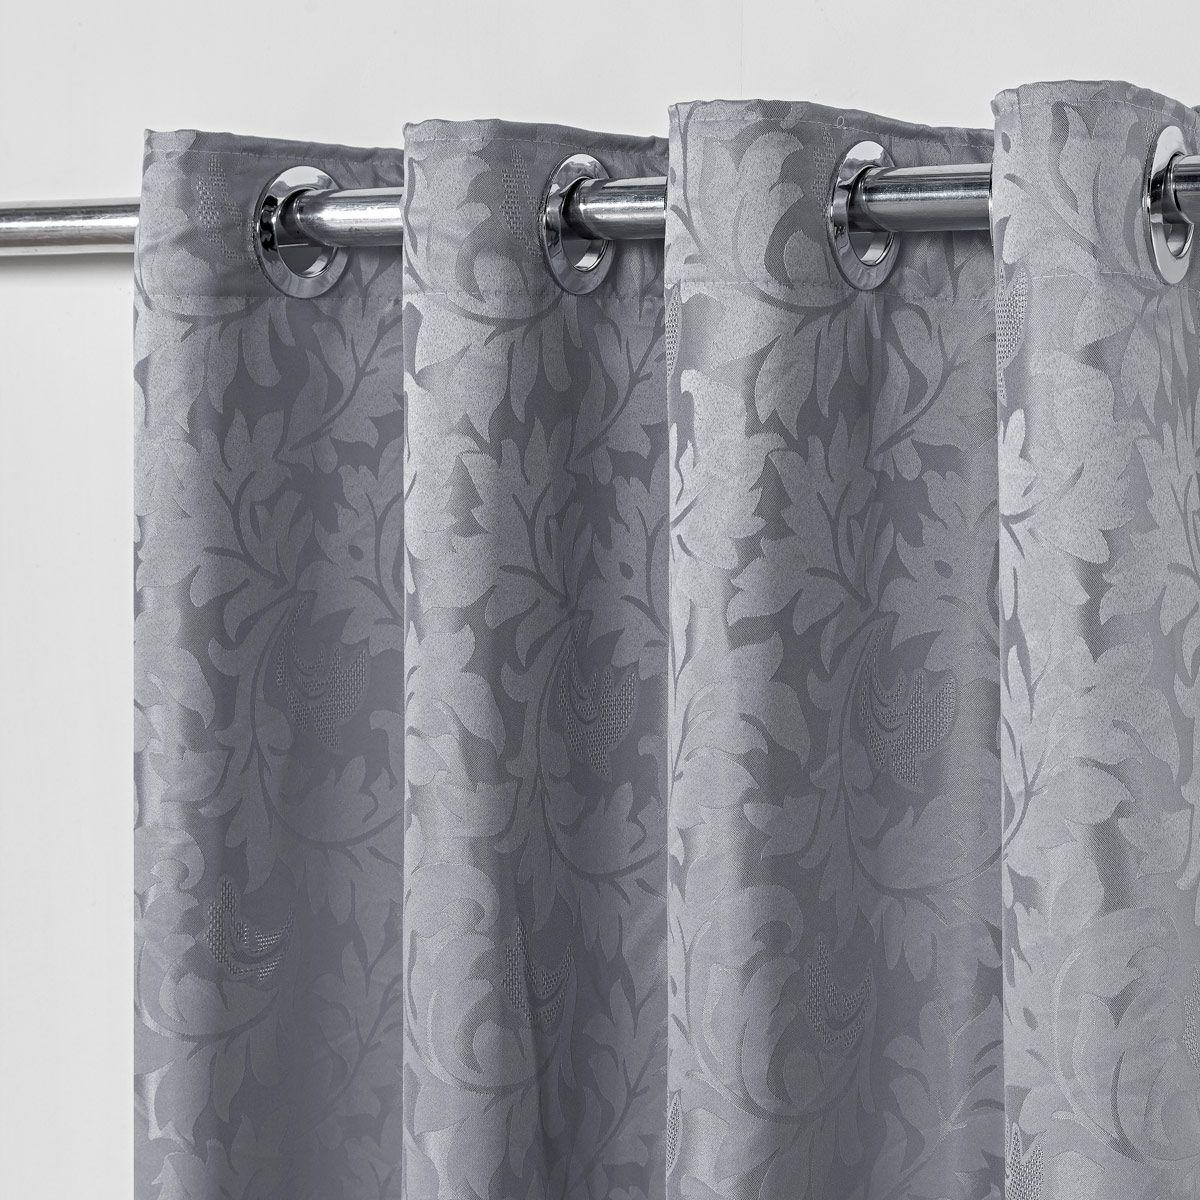 Cortina Jacquard Prata 2,80m X 1,60m p/ Varão simples de até 2,00m